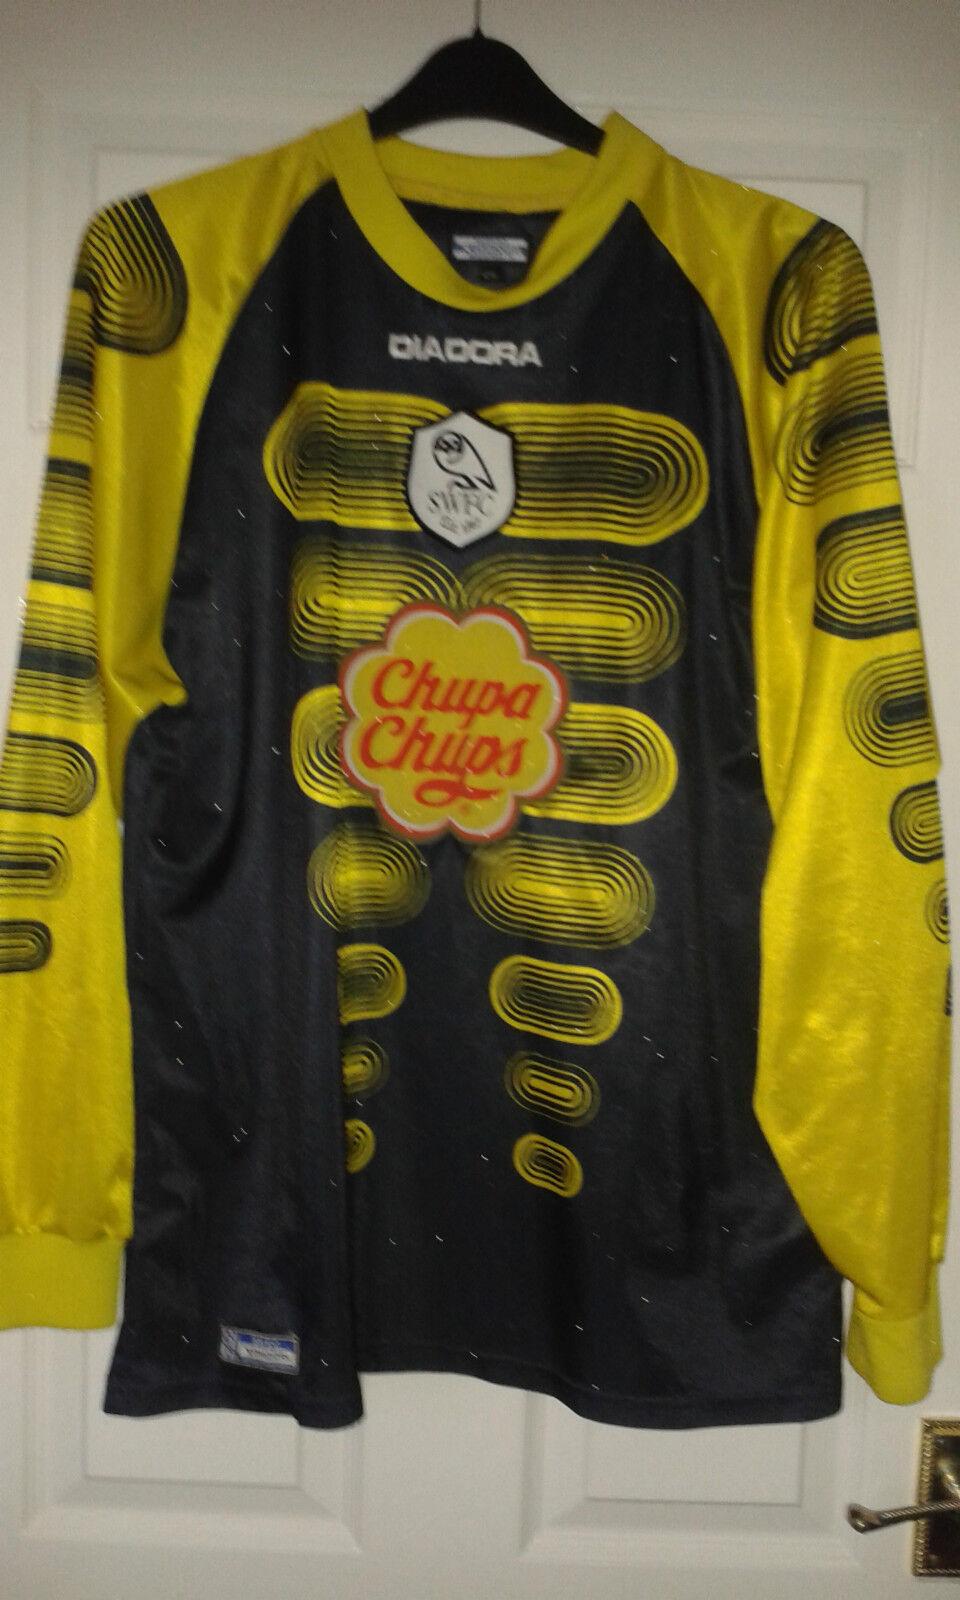 Camicia calcio da uomoSheffield WednesdayPORTIERE DIADORA 2001  42RARO